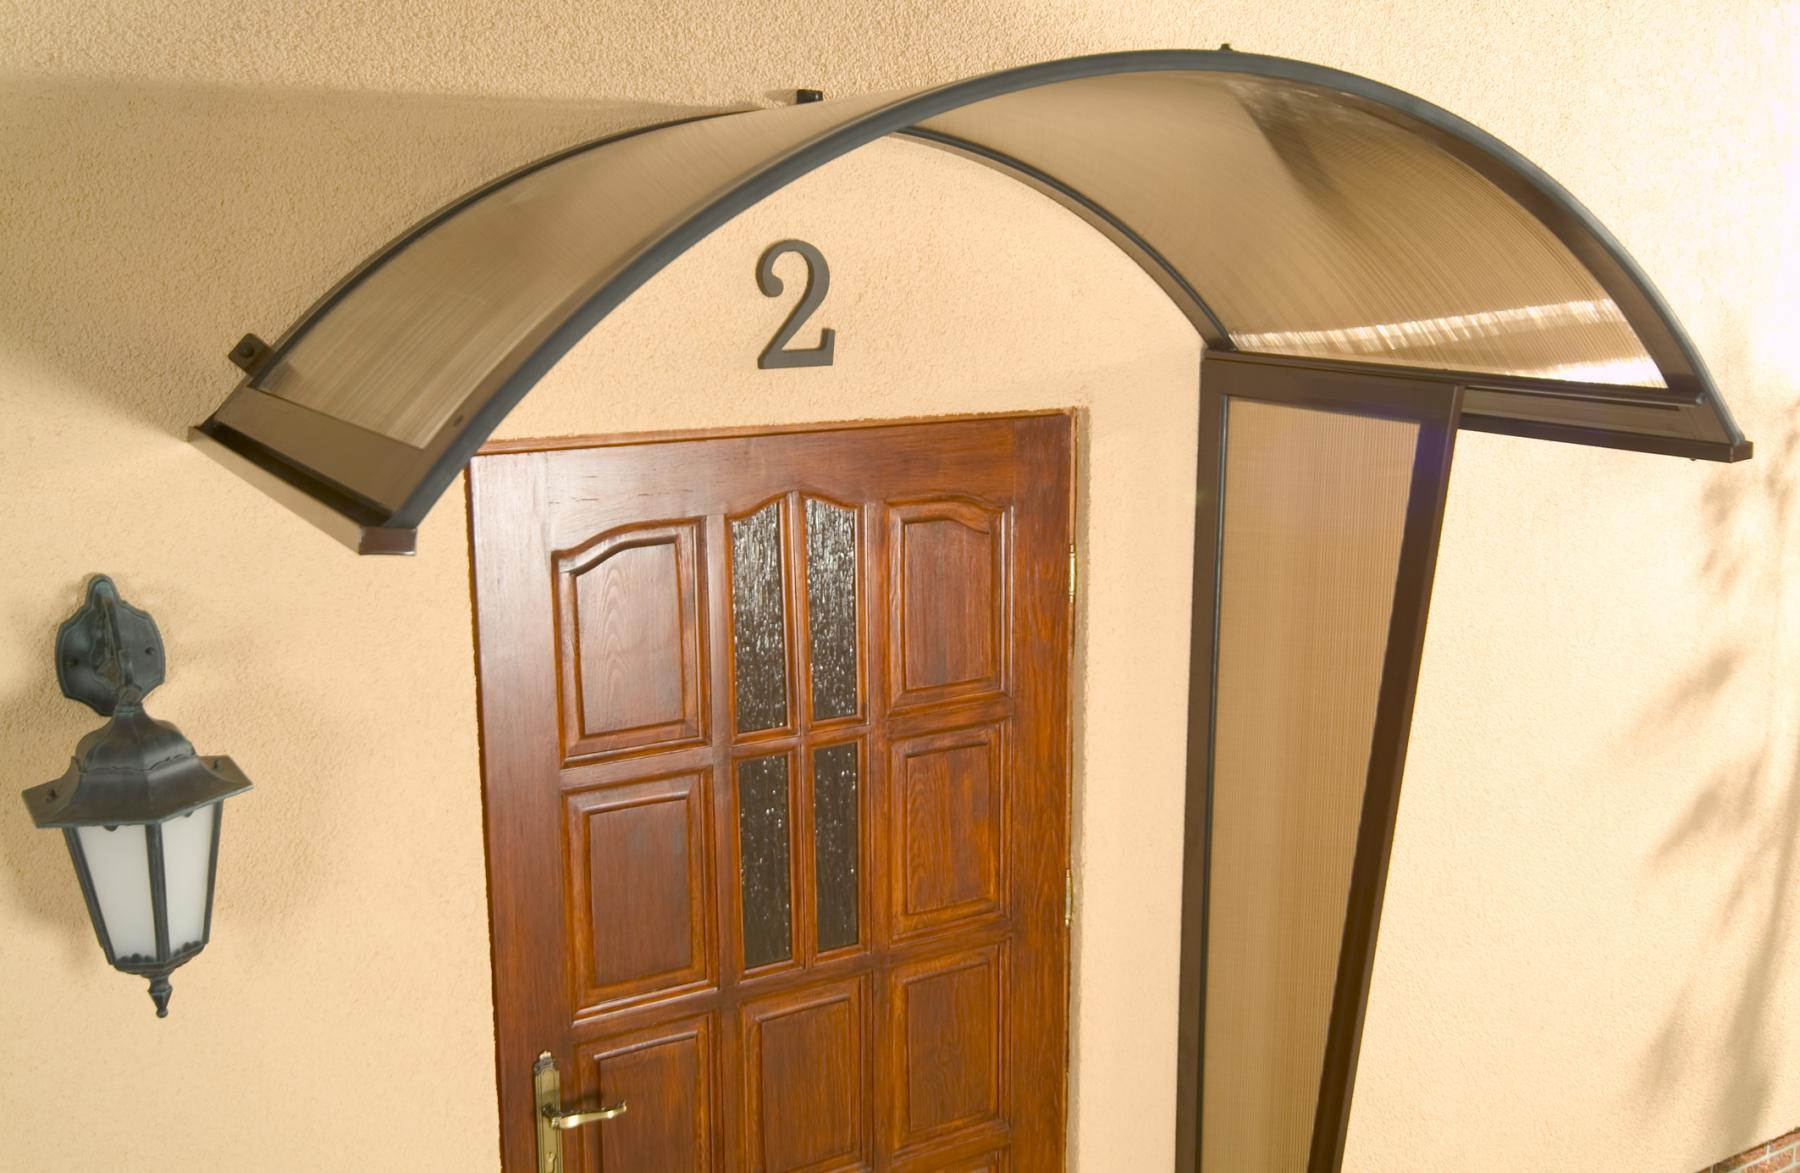 Alu rundbogenvordach haust rvordach vordach rondo braun - Vordach kaufen ...